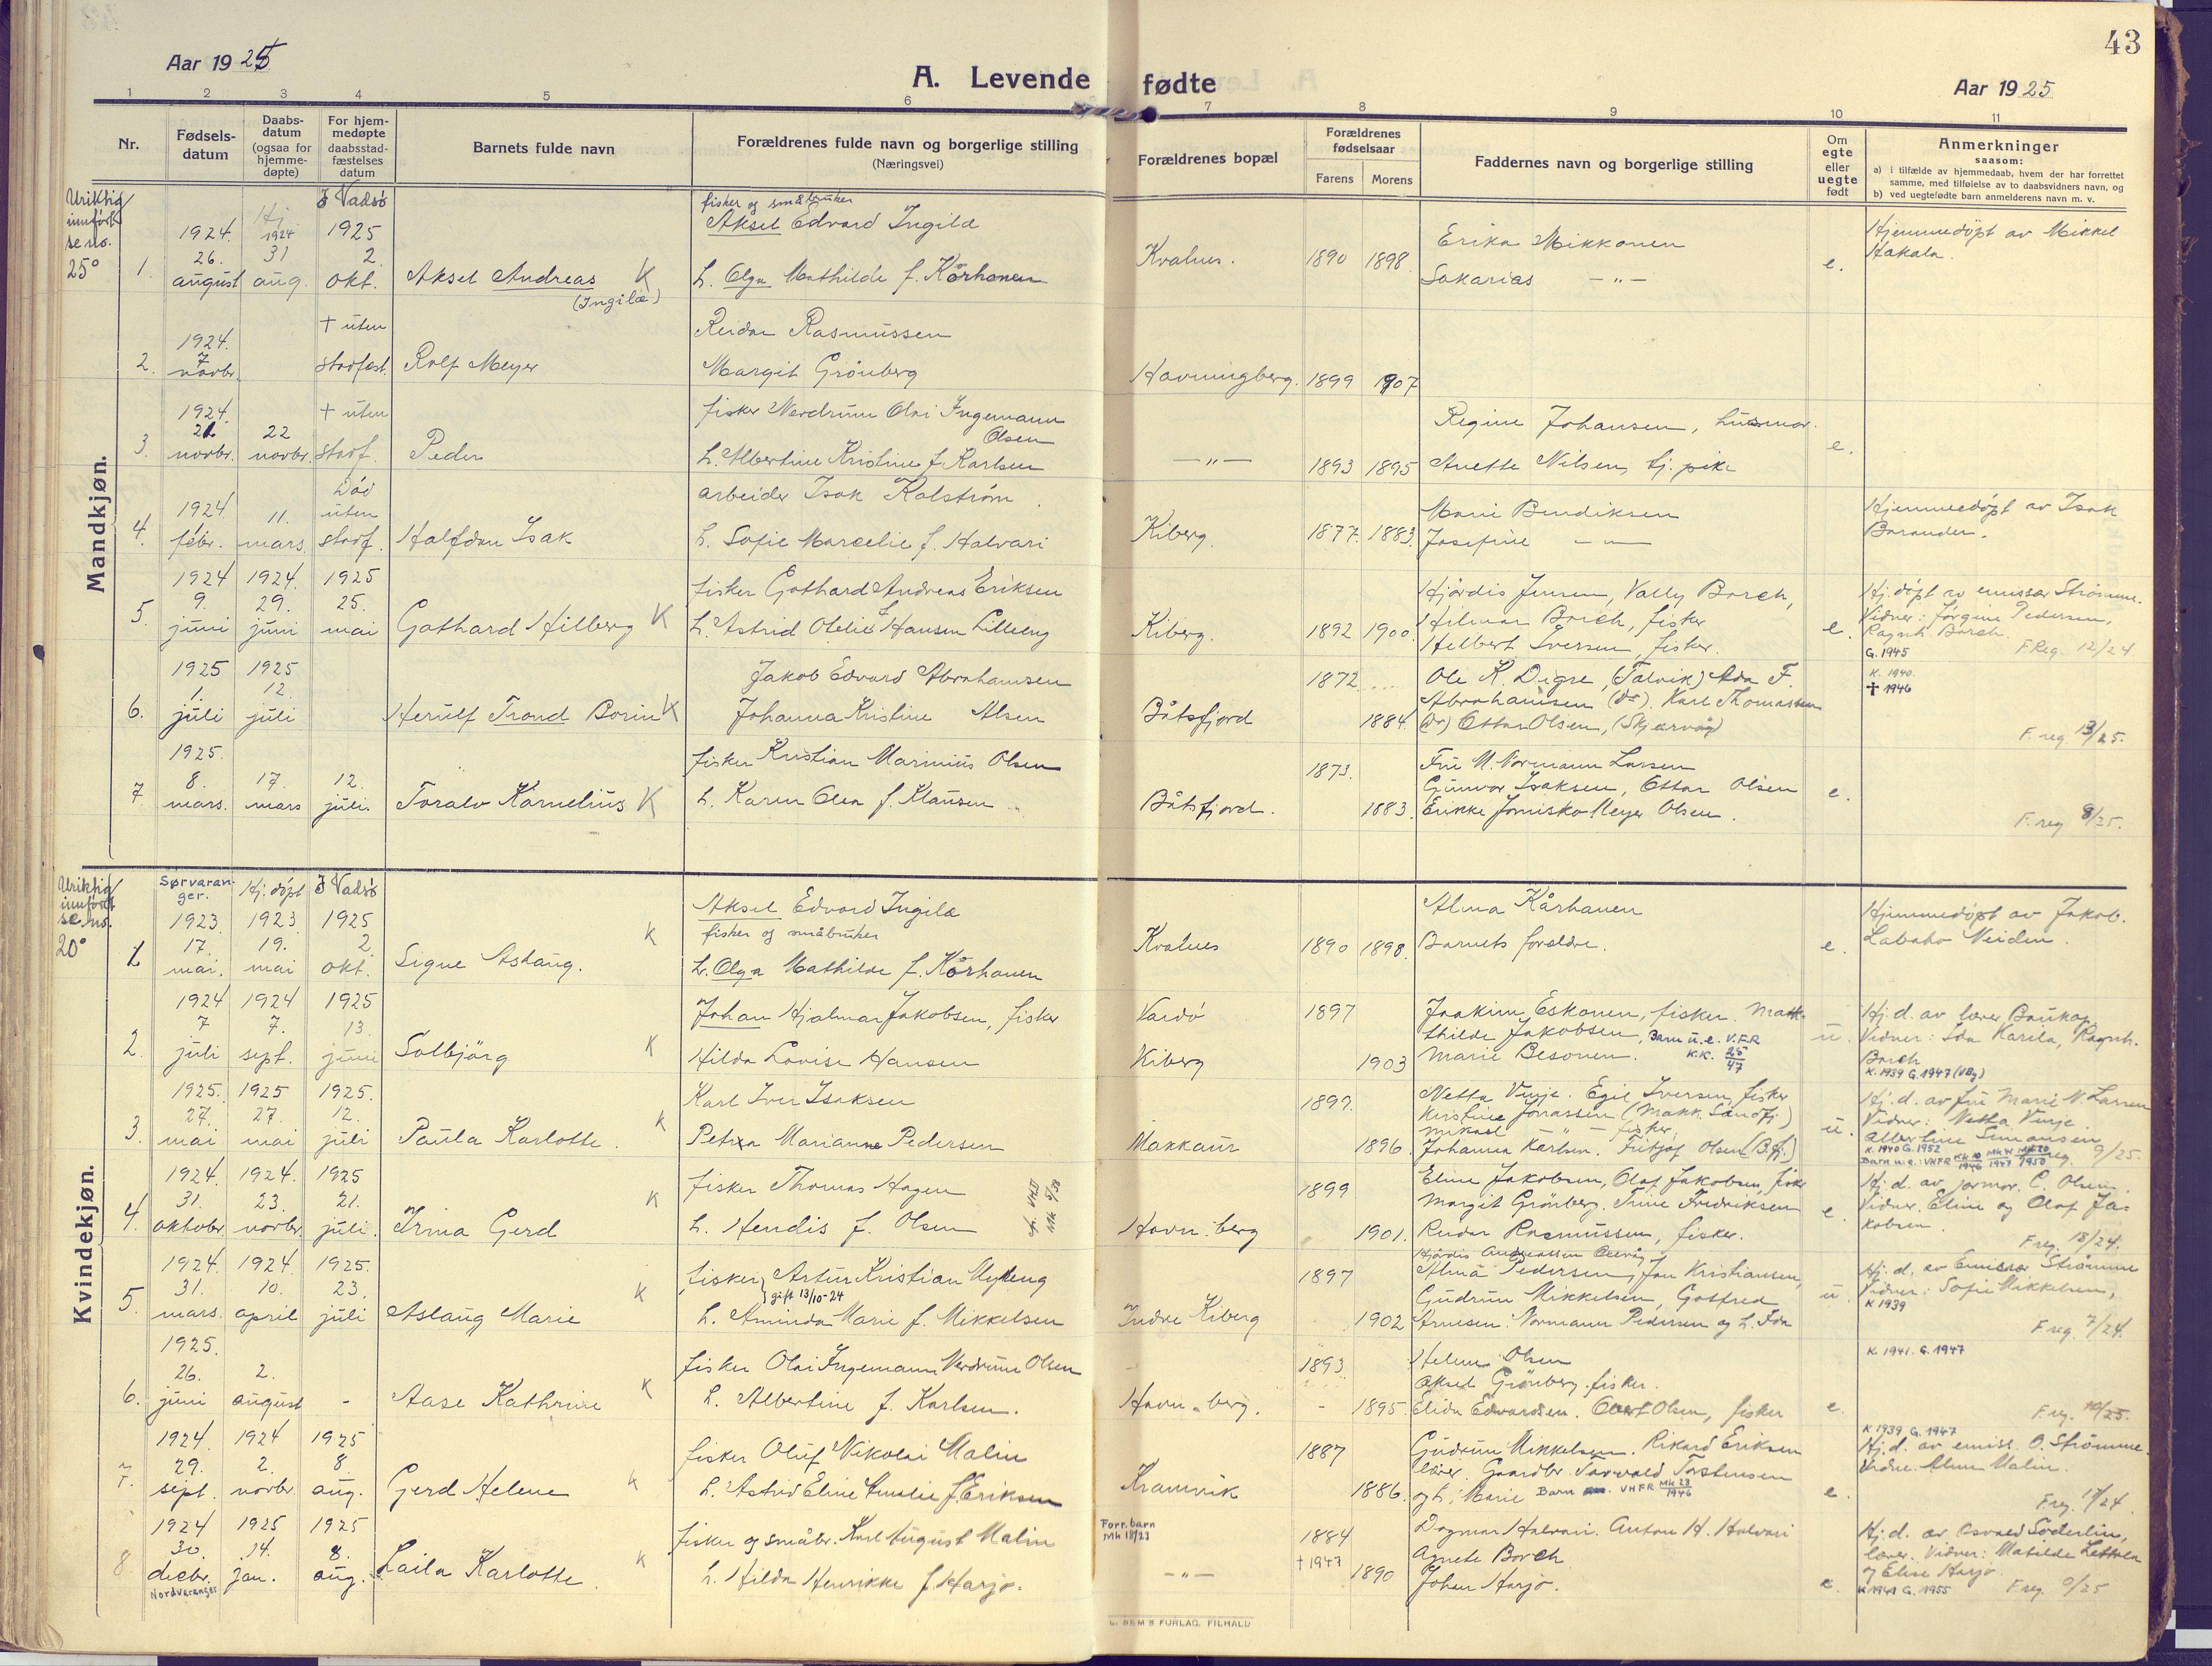 SATØ, Vardø sokneprestkontor, H/Ha/L0013kirke: Ministerialbok nr. 13, 1912-1928, s. 43